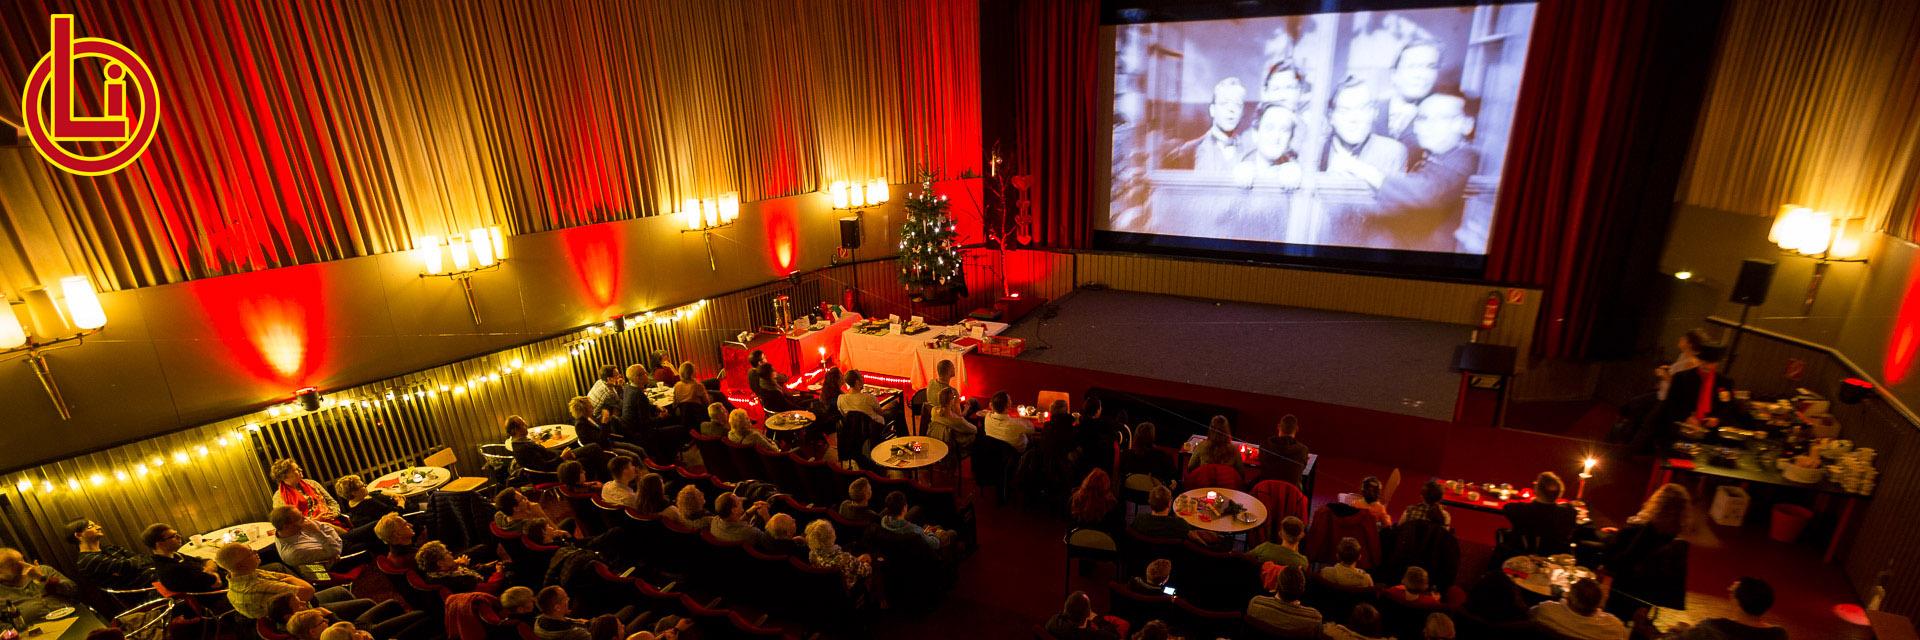 OLi Lichtspiele Magdeburg - Das Kino für Magdeburg